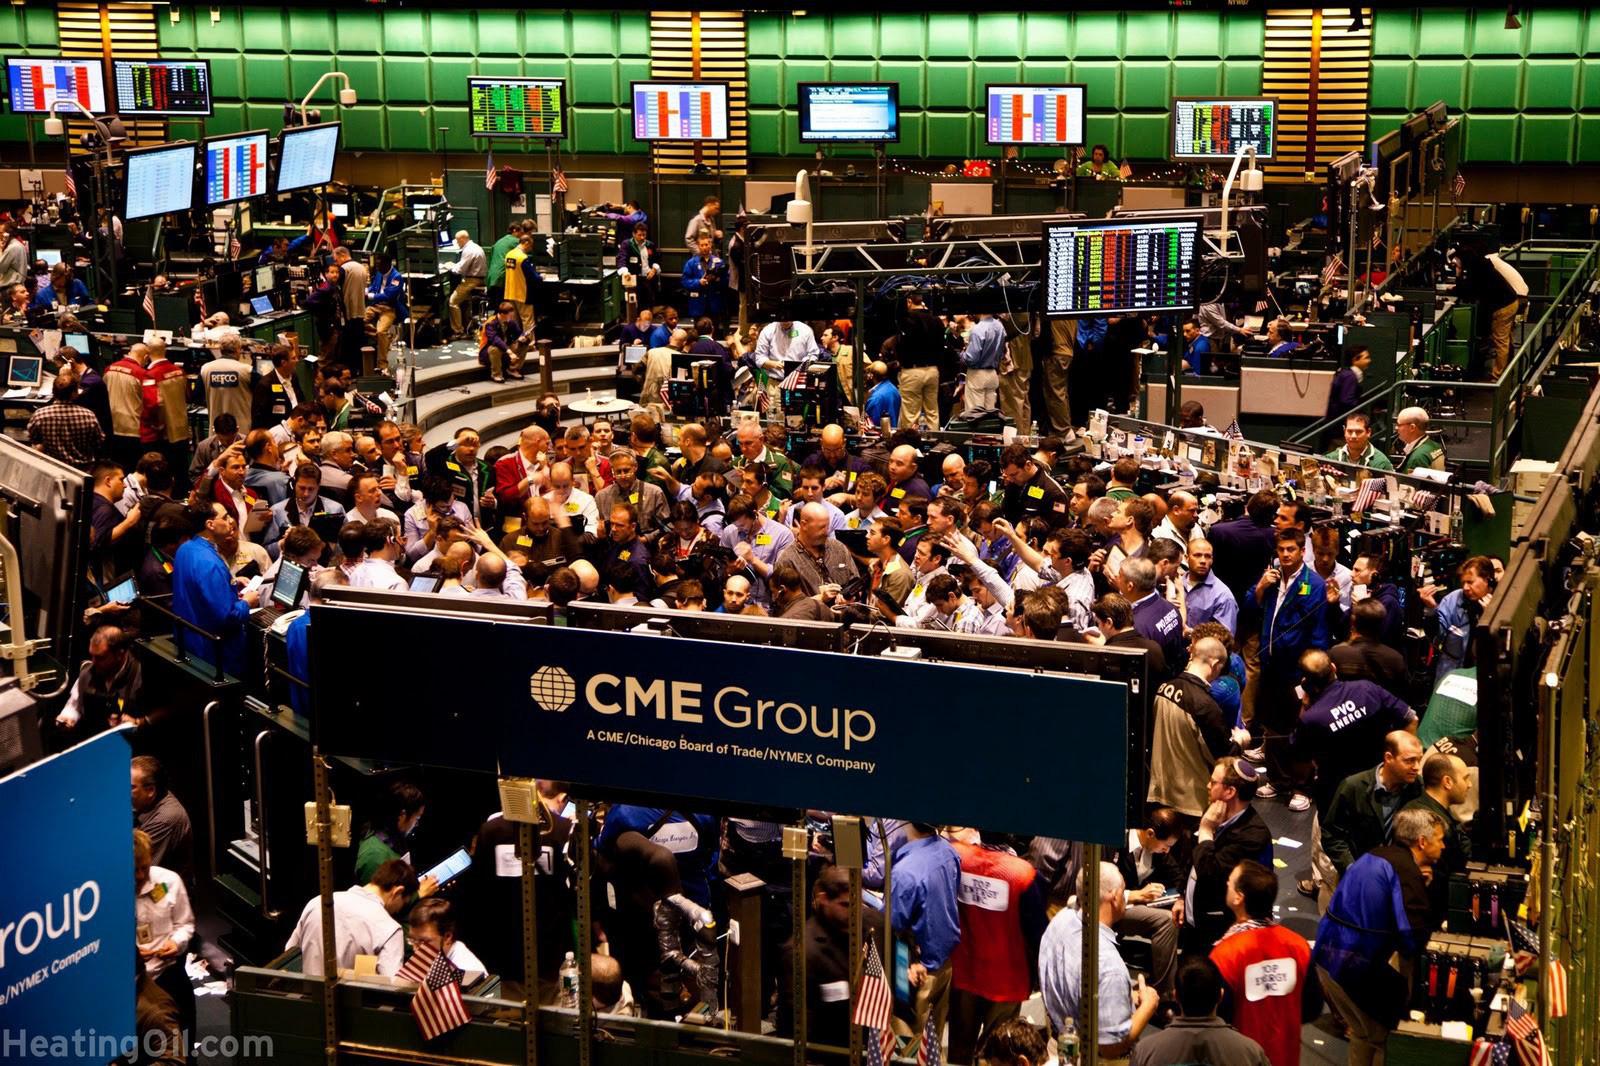 Sở giao dịch hàng hóa Chicago (Chicago Mercantile Exchange - CME) là gì? - Ảnh 1.